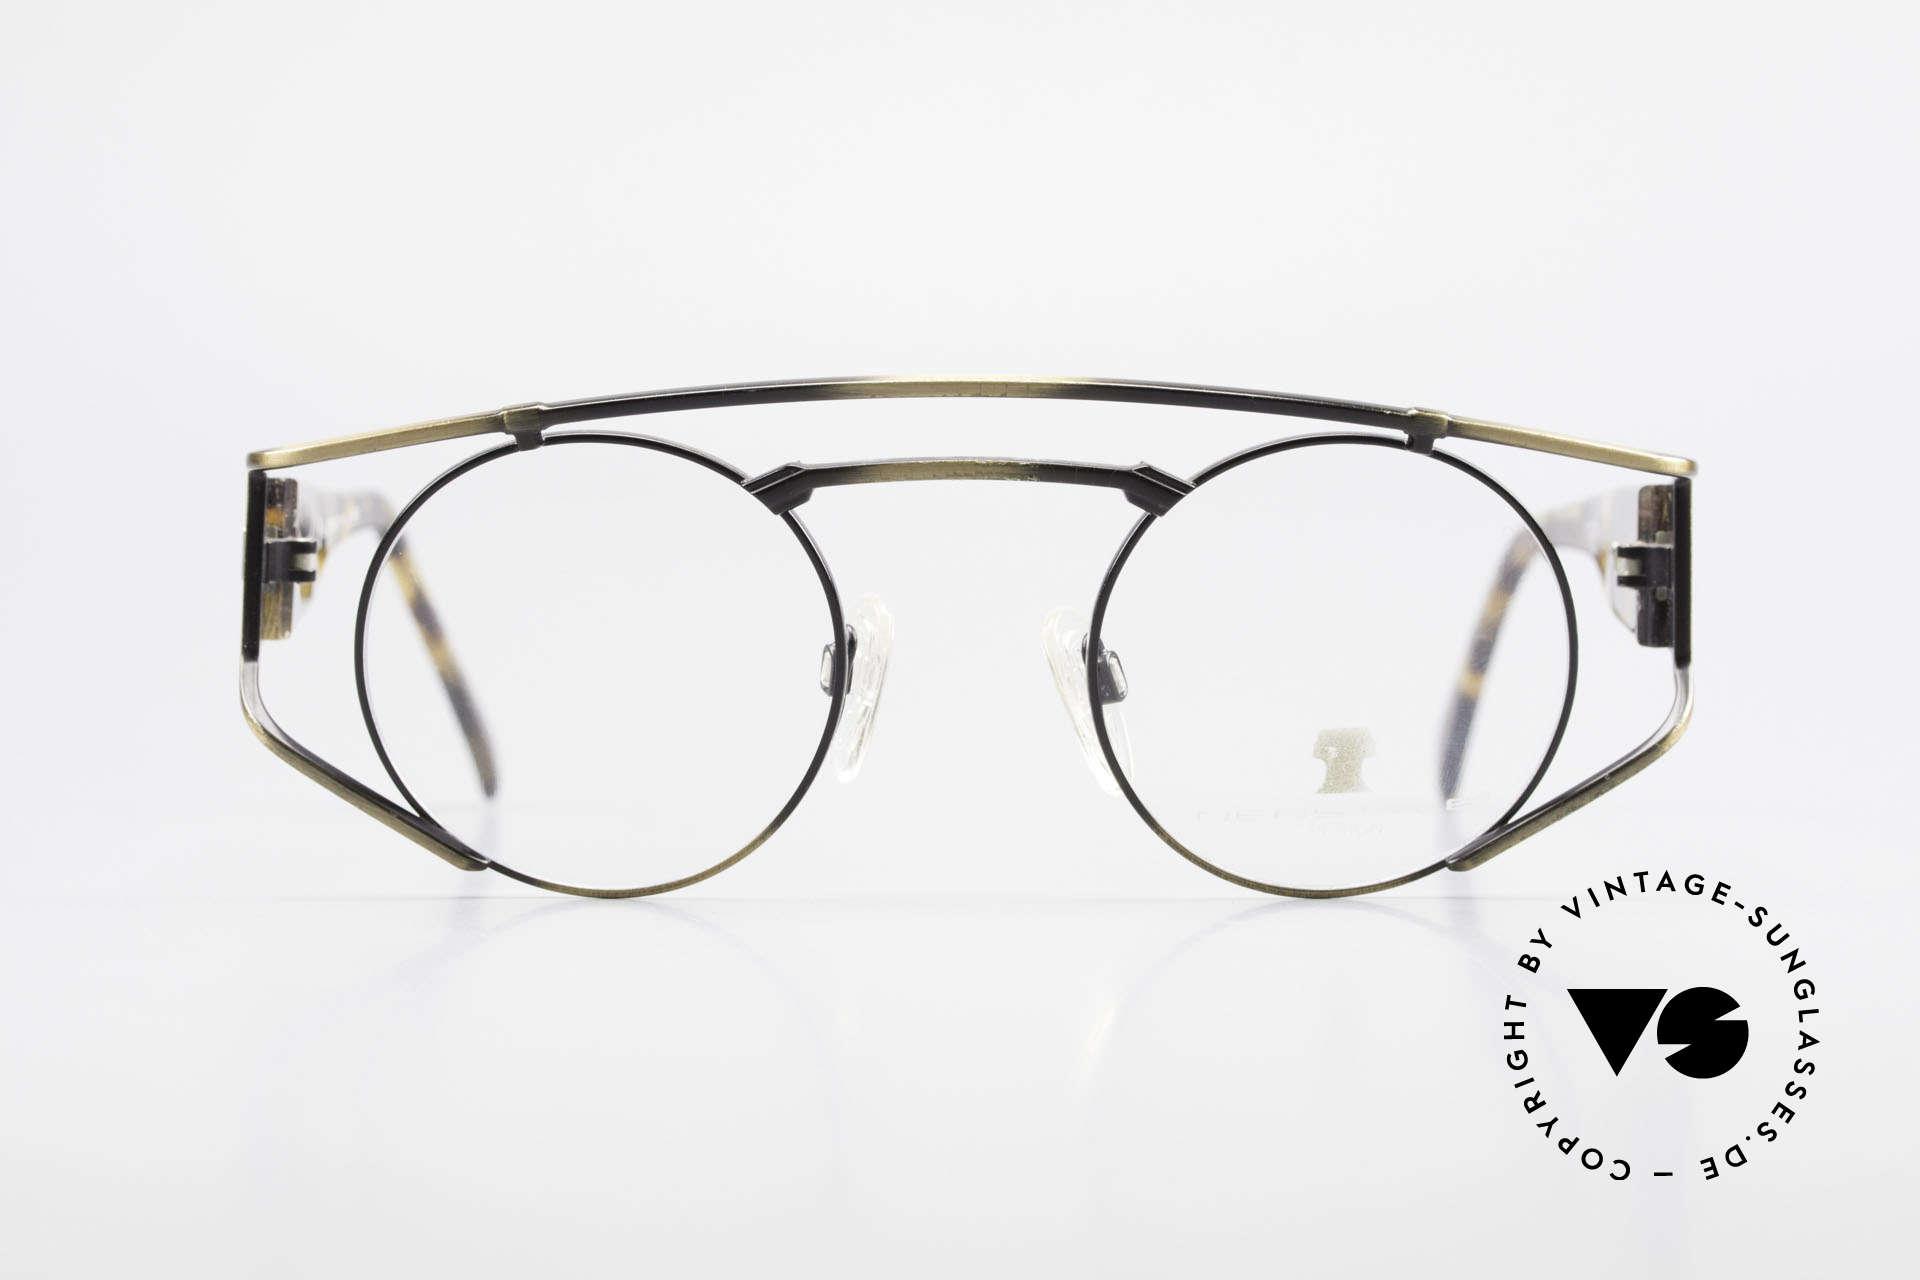 Neostyle Superstar 1 Steampunk Vintage Brille, der Name sagt im Prinzip schon alles: SUPERSTAR, Passend für Herren und Damen